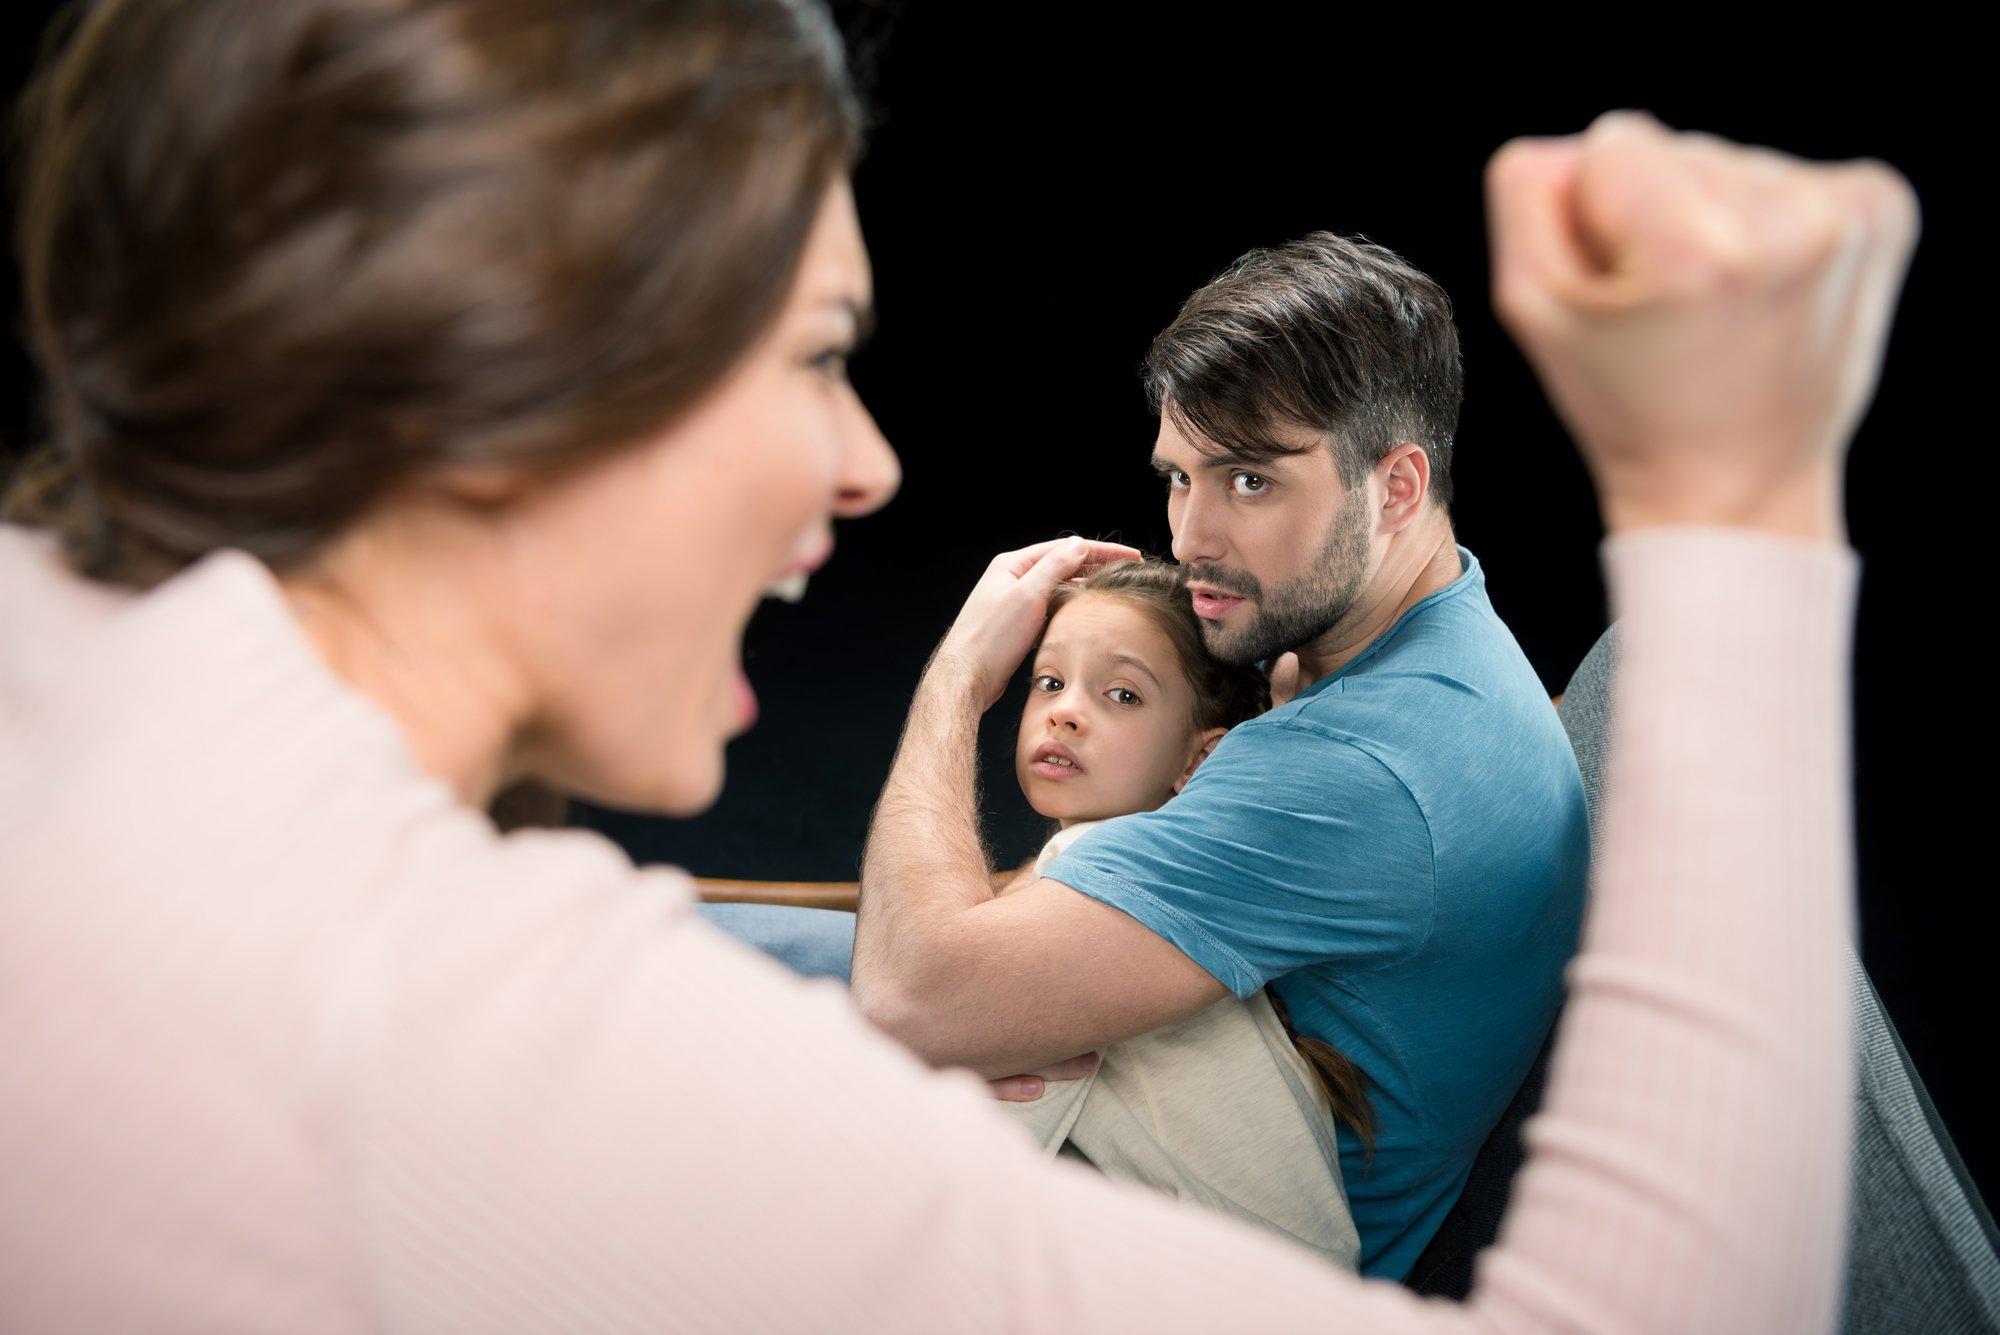 depositphotos 143373835 l 2015.jpg?resize=636,358 - Les victimes de violence conjugale sont aussi des hommes mais très peu osent en parler.